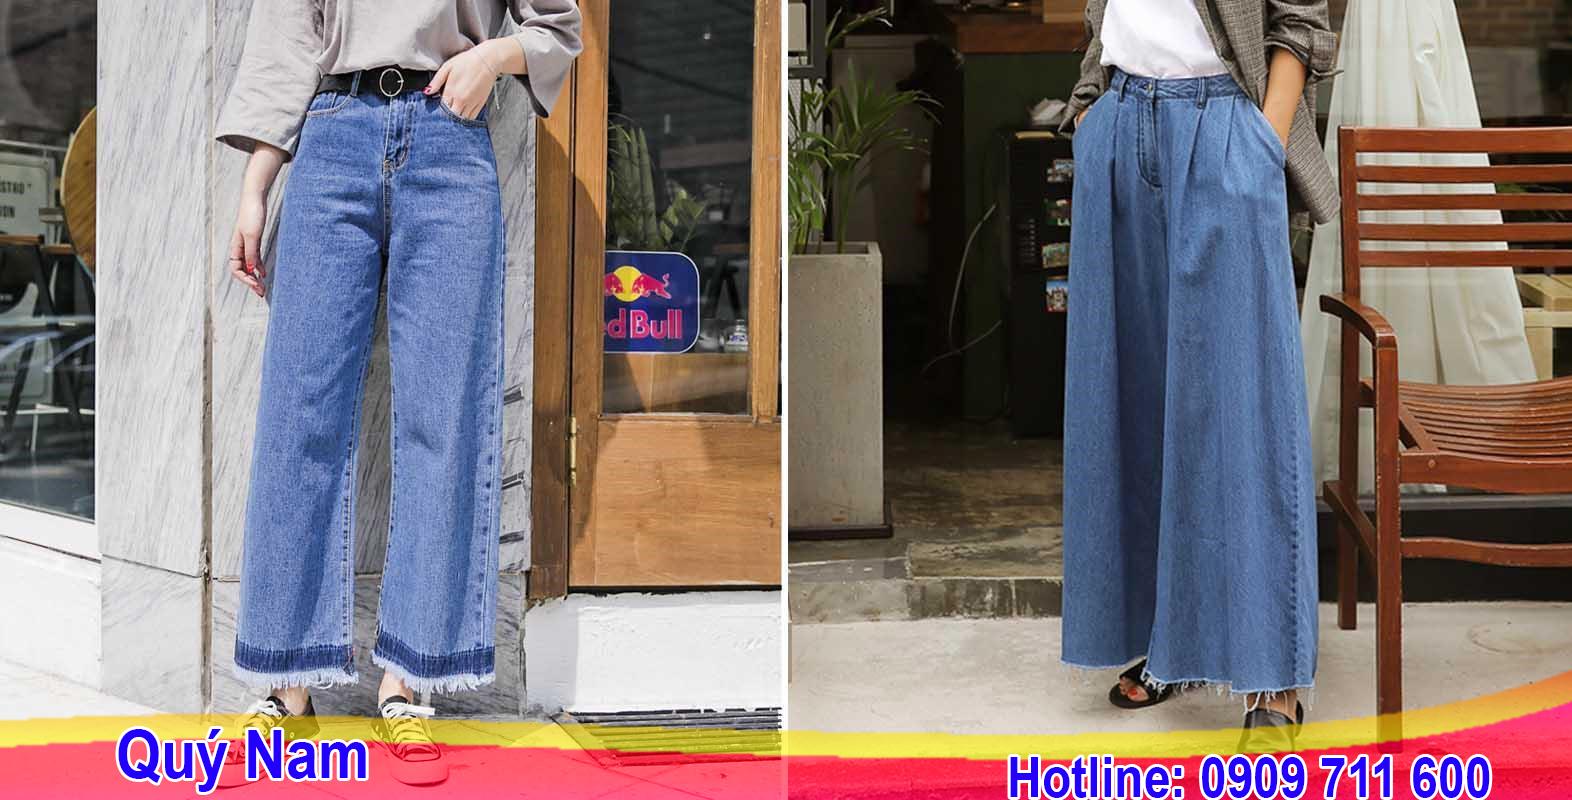 Trong hình là 2 mẫu quần jean ống rộng hot trend đang khiến giới trẻ Châu Á phát sốt